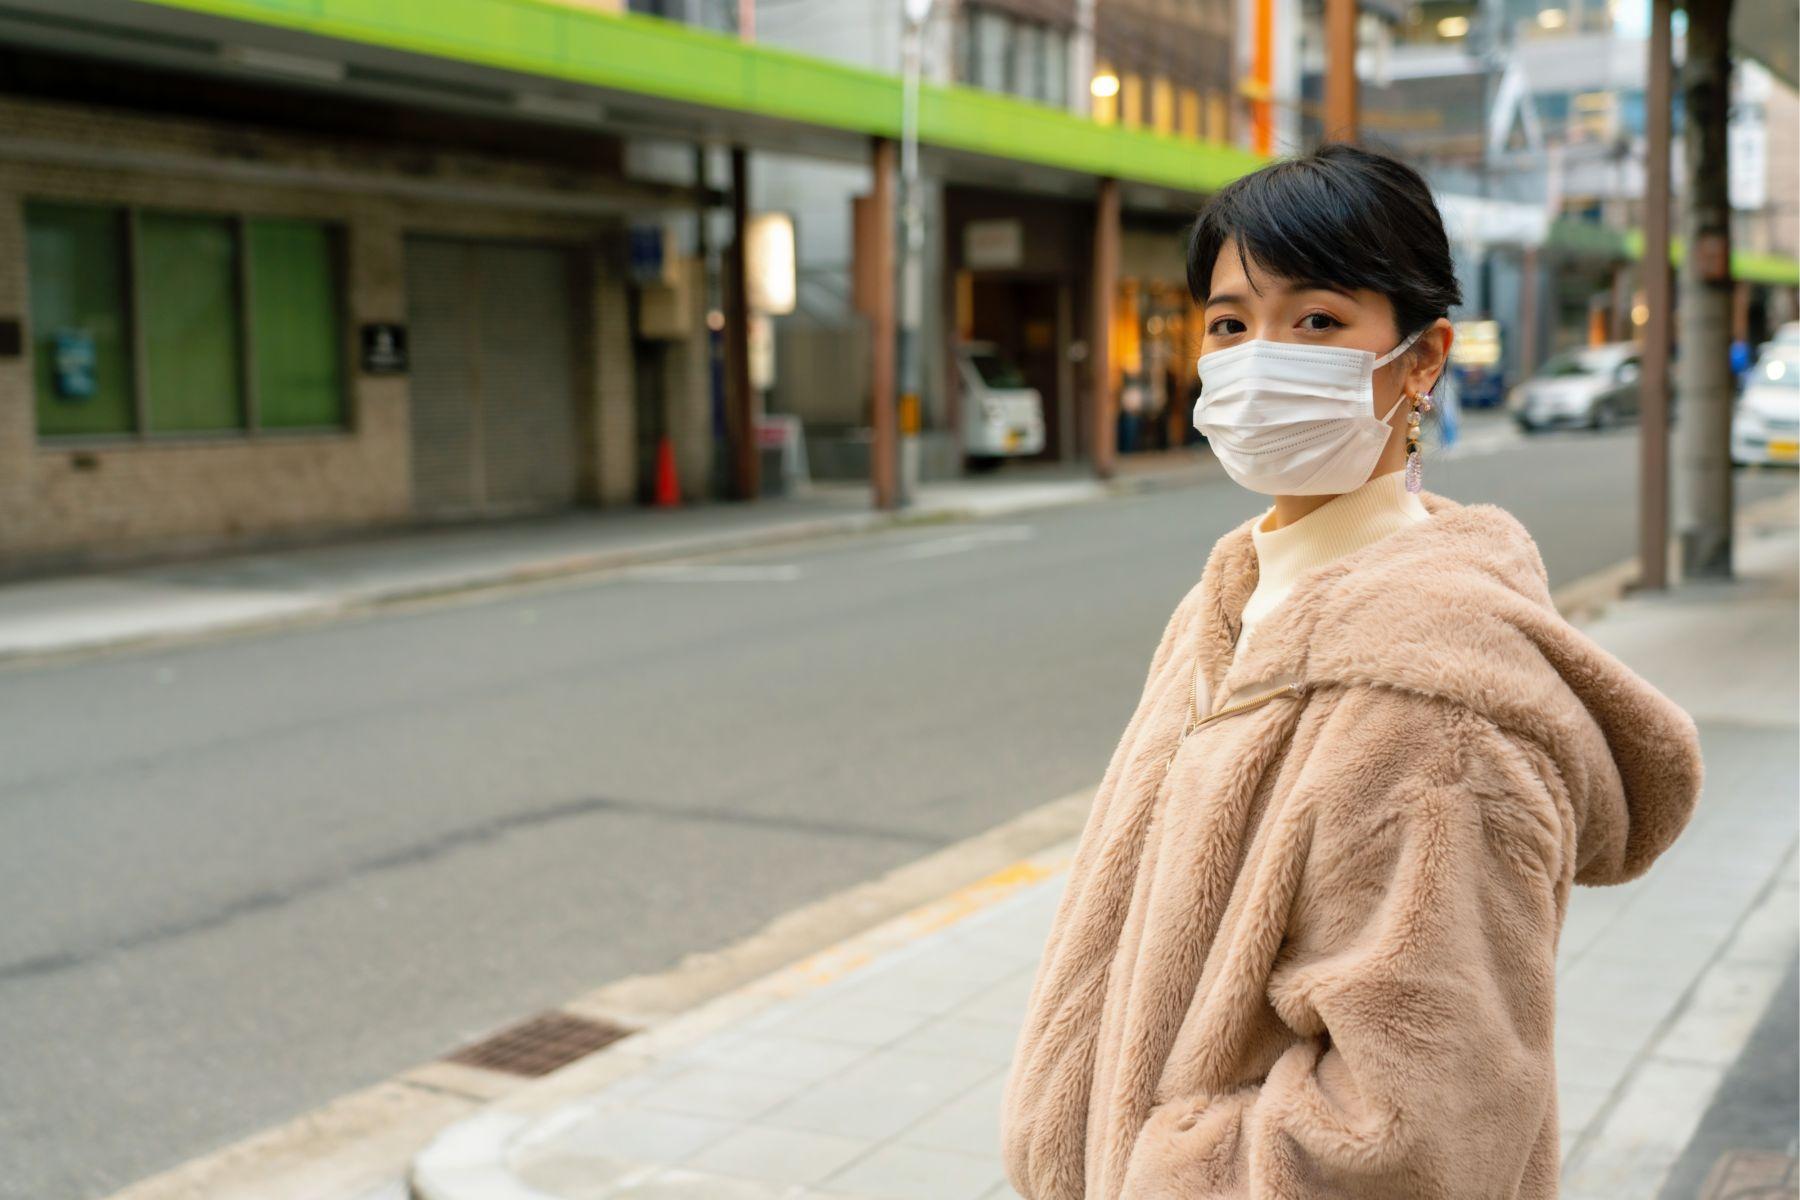 武漢肺炎》口罩網路就能購買,不用去藥局!正確戴口罩遠離病毒感染,避免成為確診患者